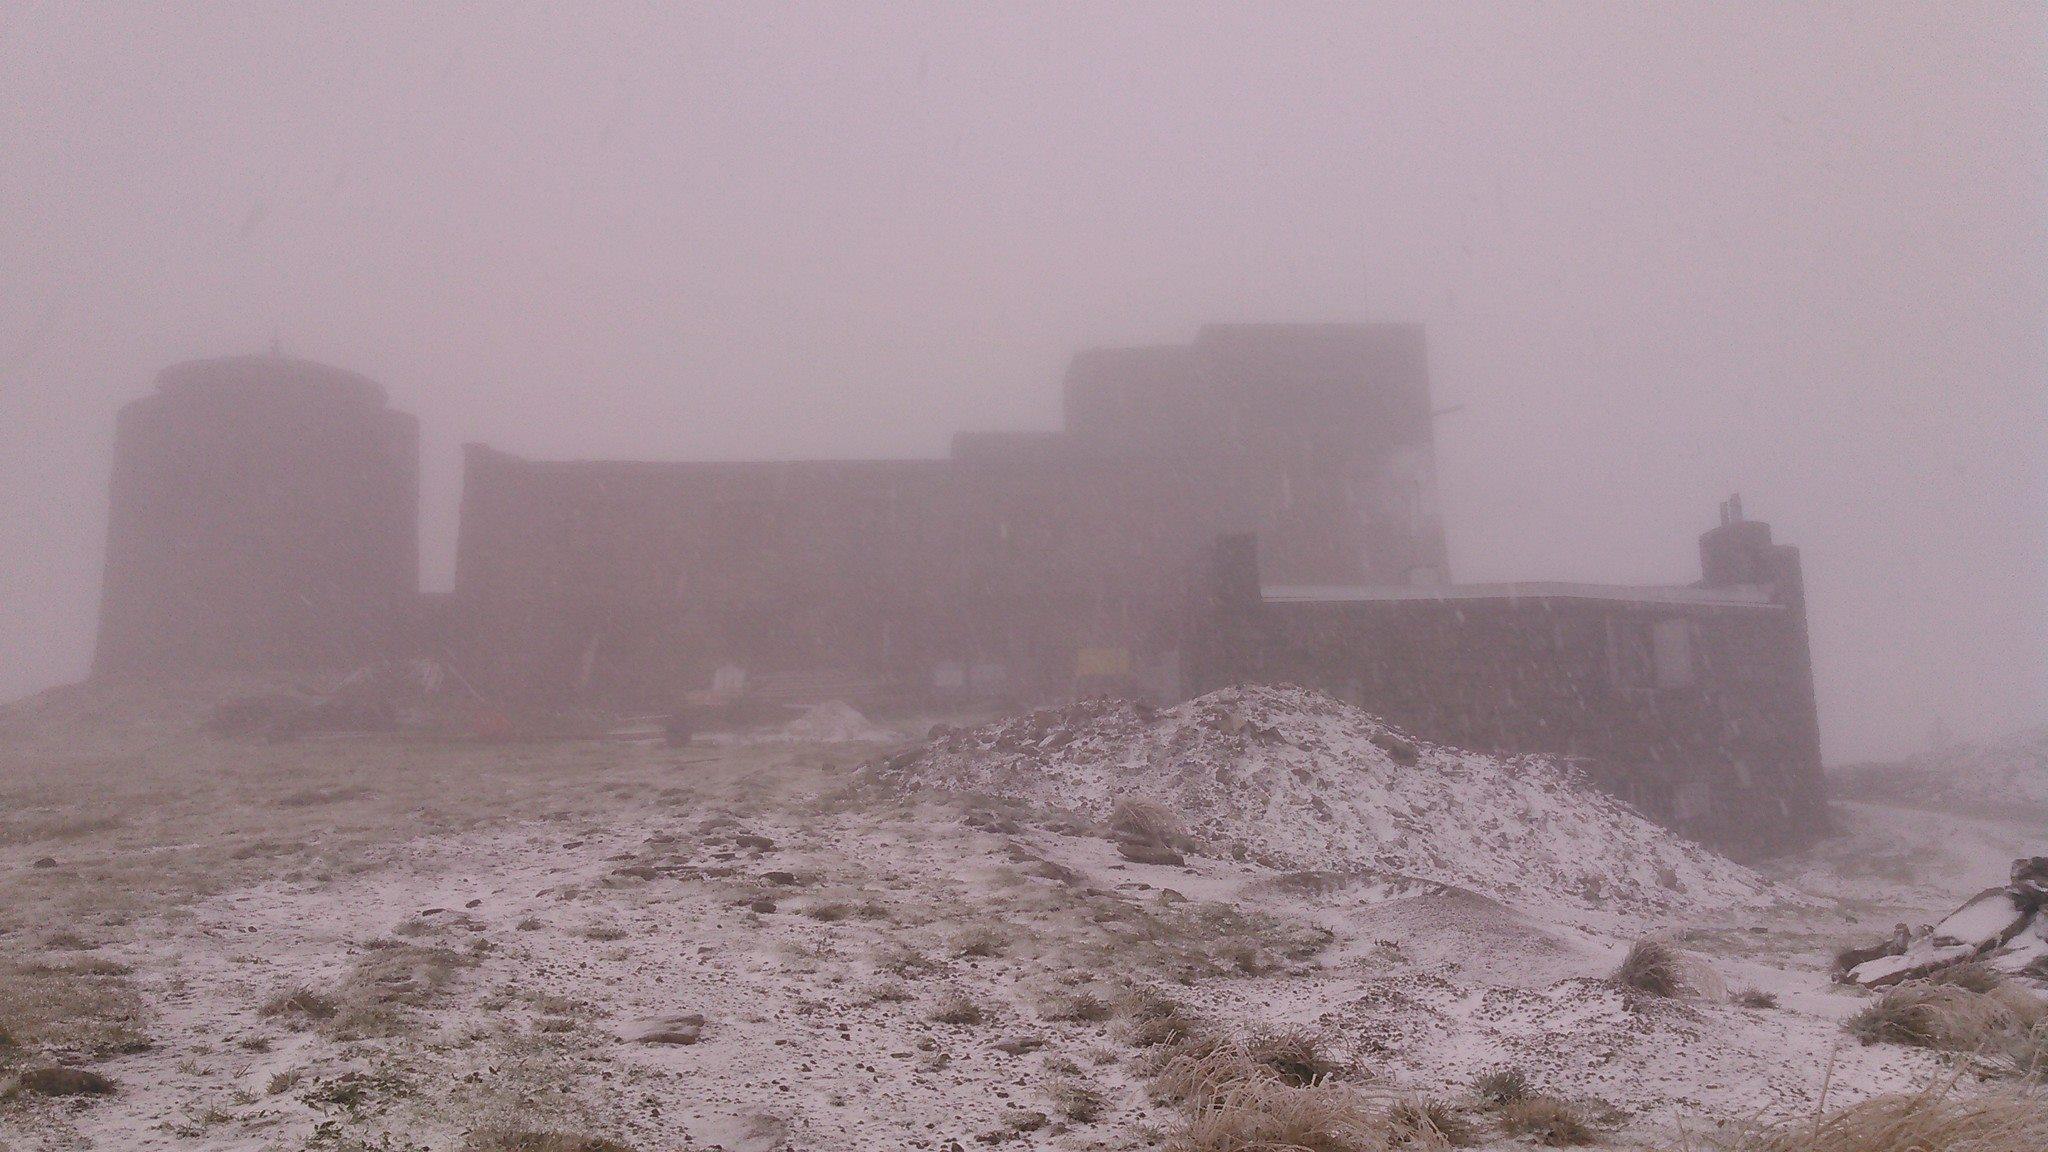 Украинские Карпаты засыпало снегом: впечатляющие фото